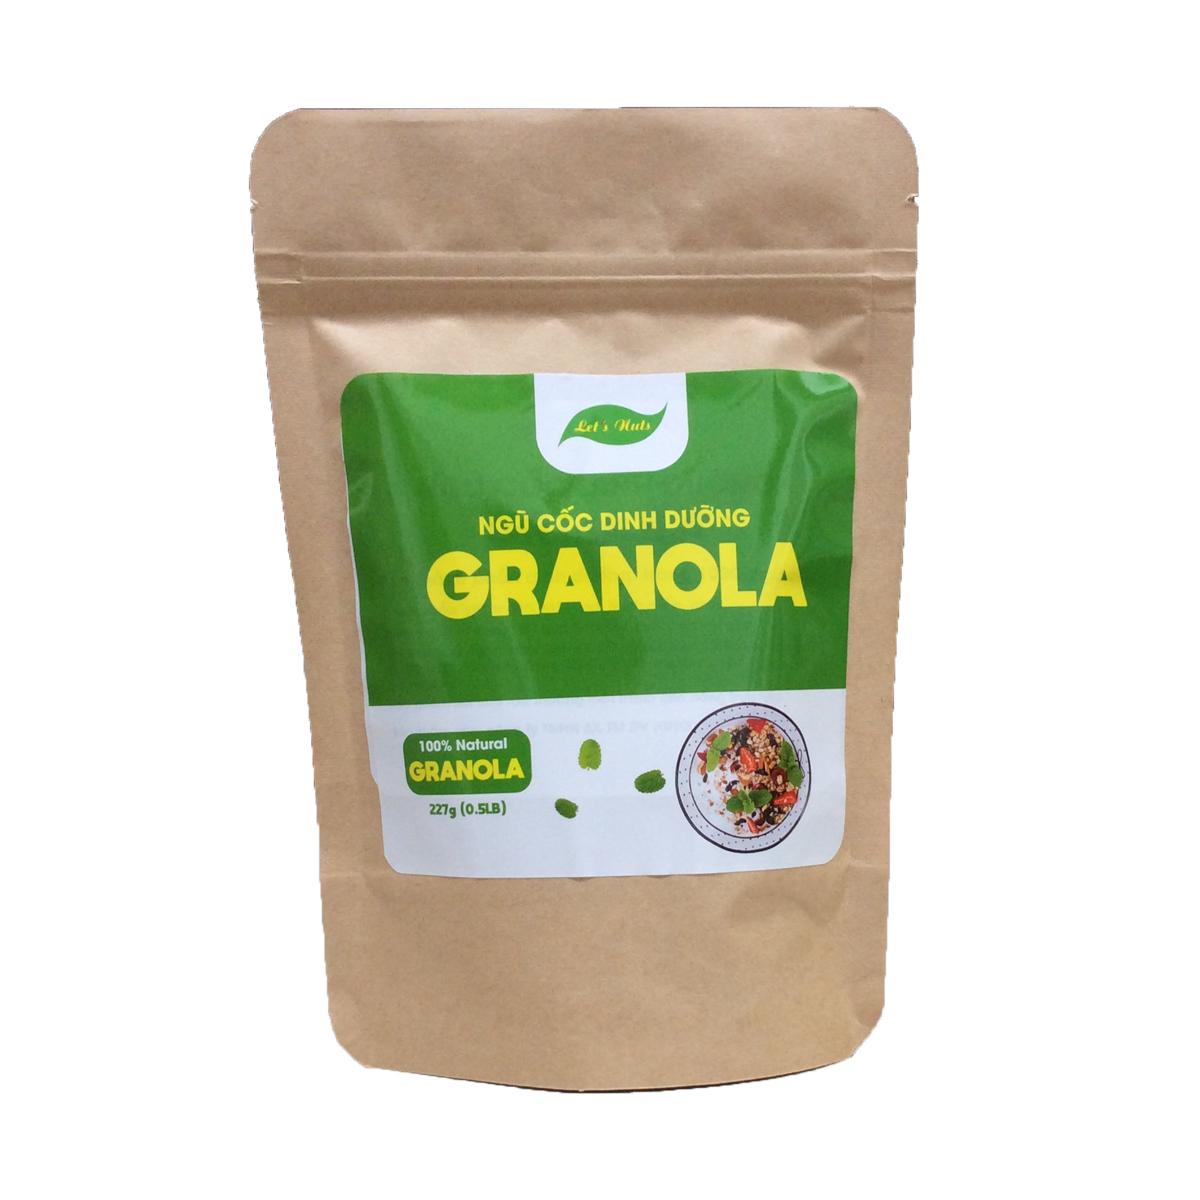 Ngũ cốc ăn kiêng Granola Let's Nuts làm từ yến mạch, mật ong, hạnh nhân, nho khô, bí xanh, dừa, hạt điều dành cho người bận rộn, giảm cân, ăn vặt văn phòng túi 227g